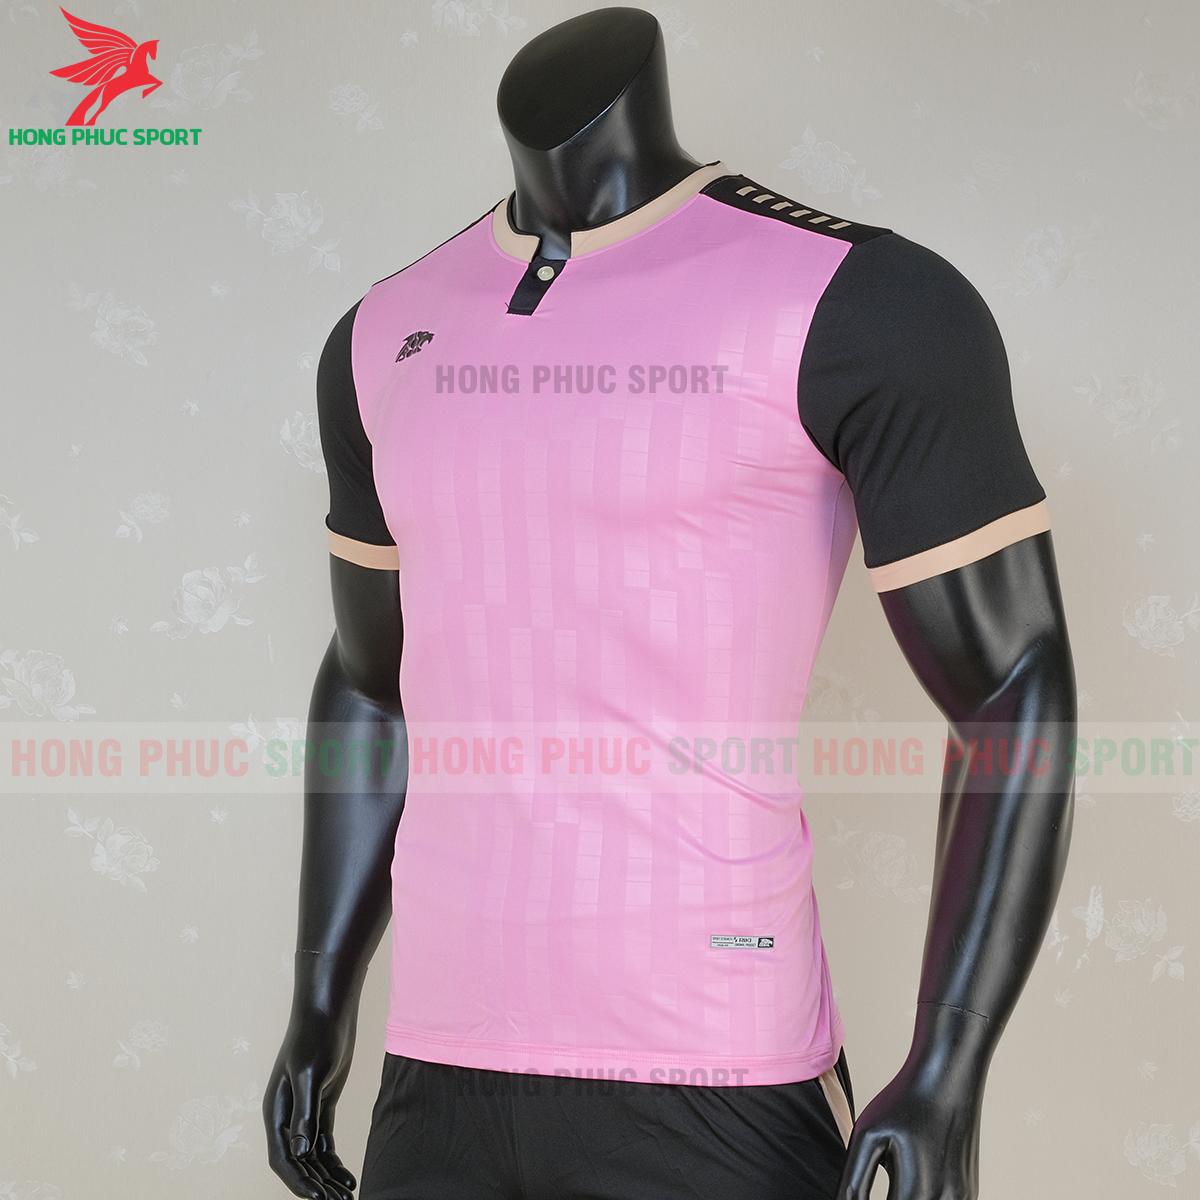 https://cdn.hongphucsport.com/unsafe/s4.shopbay.vn/files/285/ao-bong-da-khong-logo-riki-neck-mau-hong-2-5f71a101784e9.png